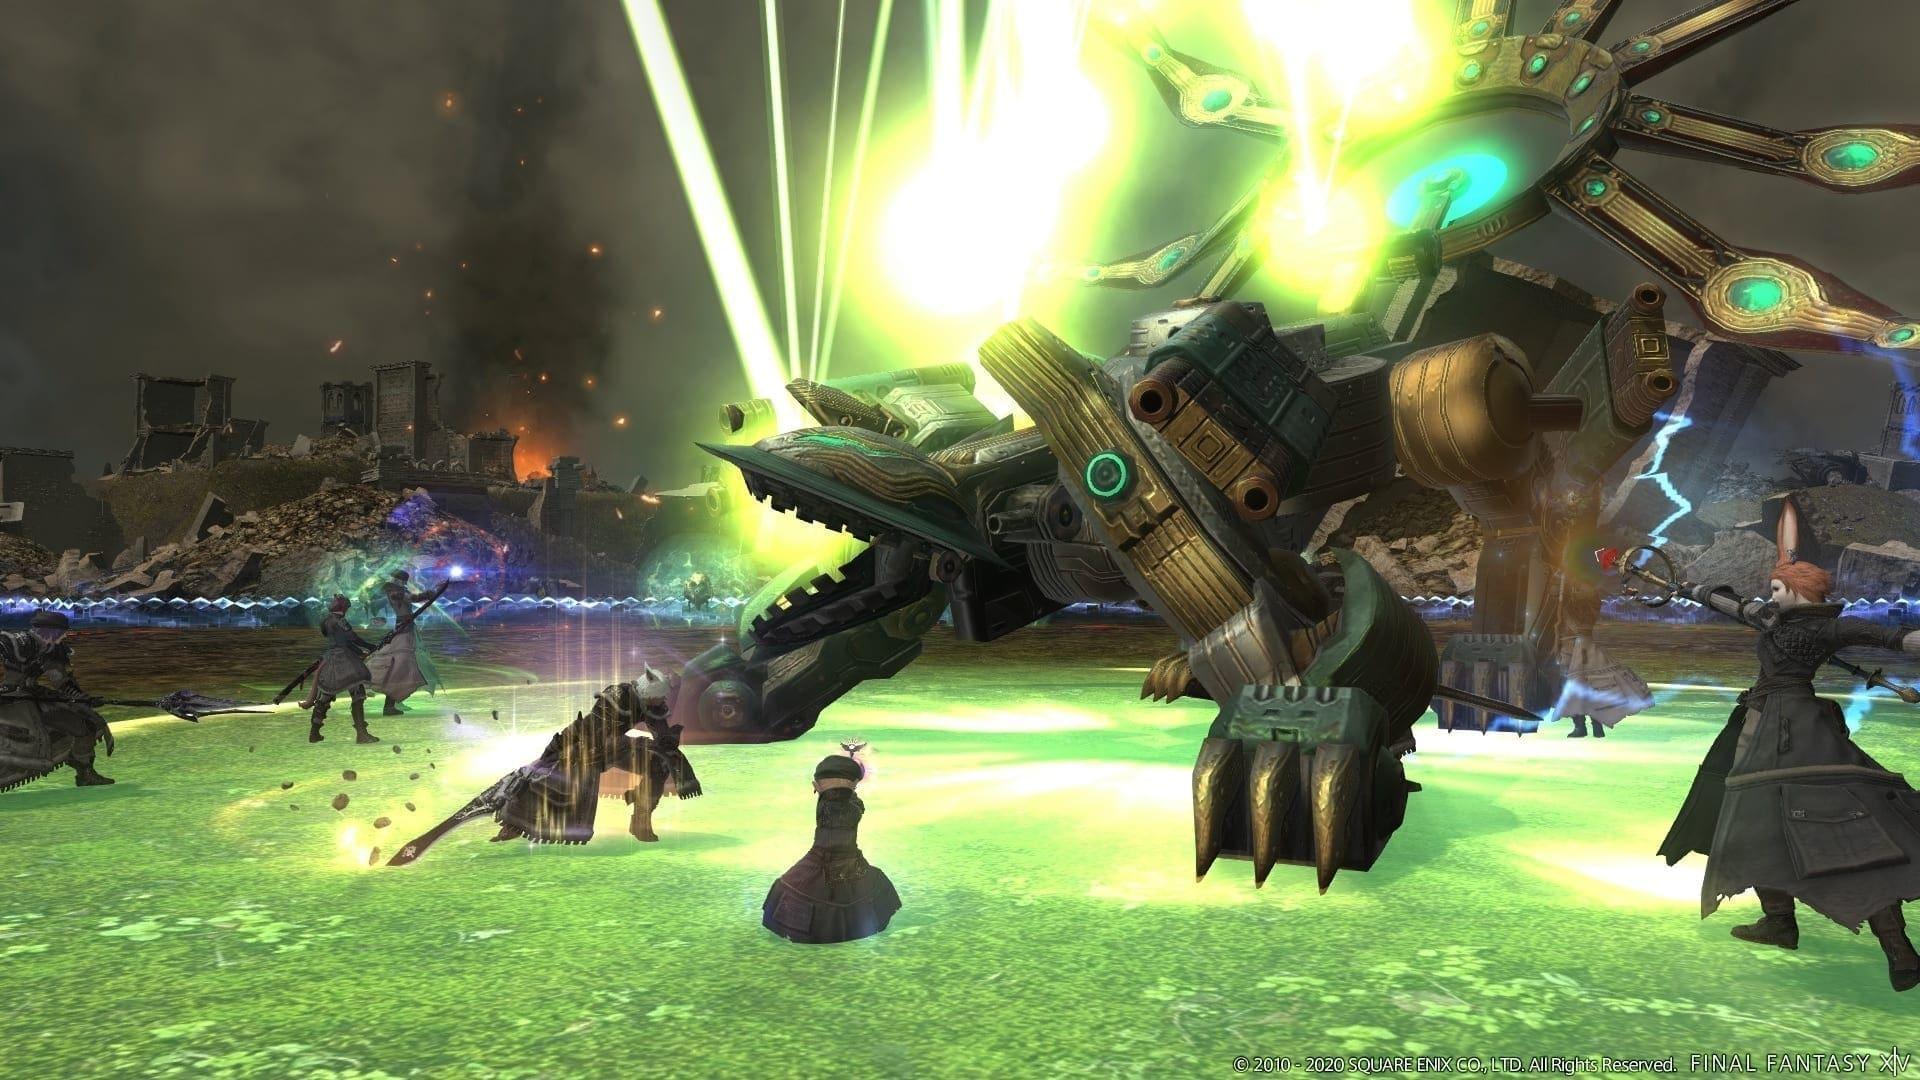 Final Fantasy XIV Online Futures Rewritten